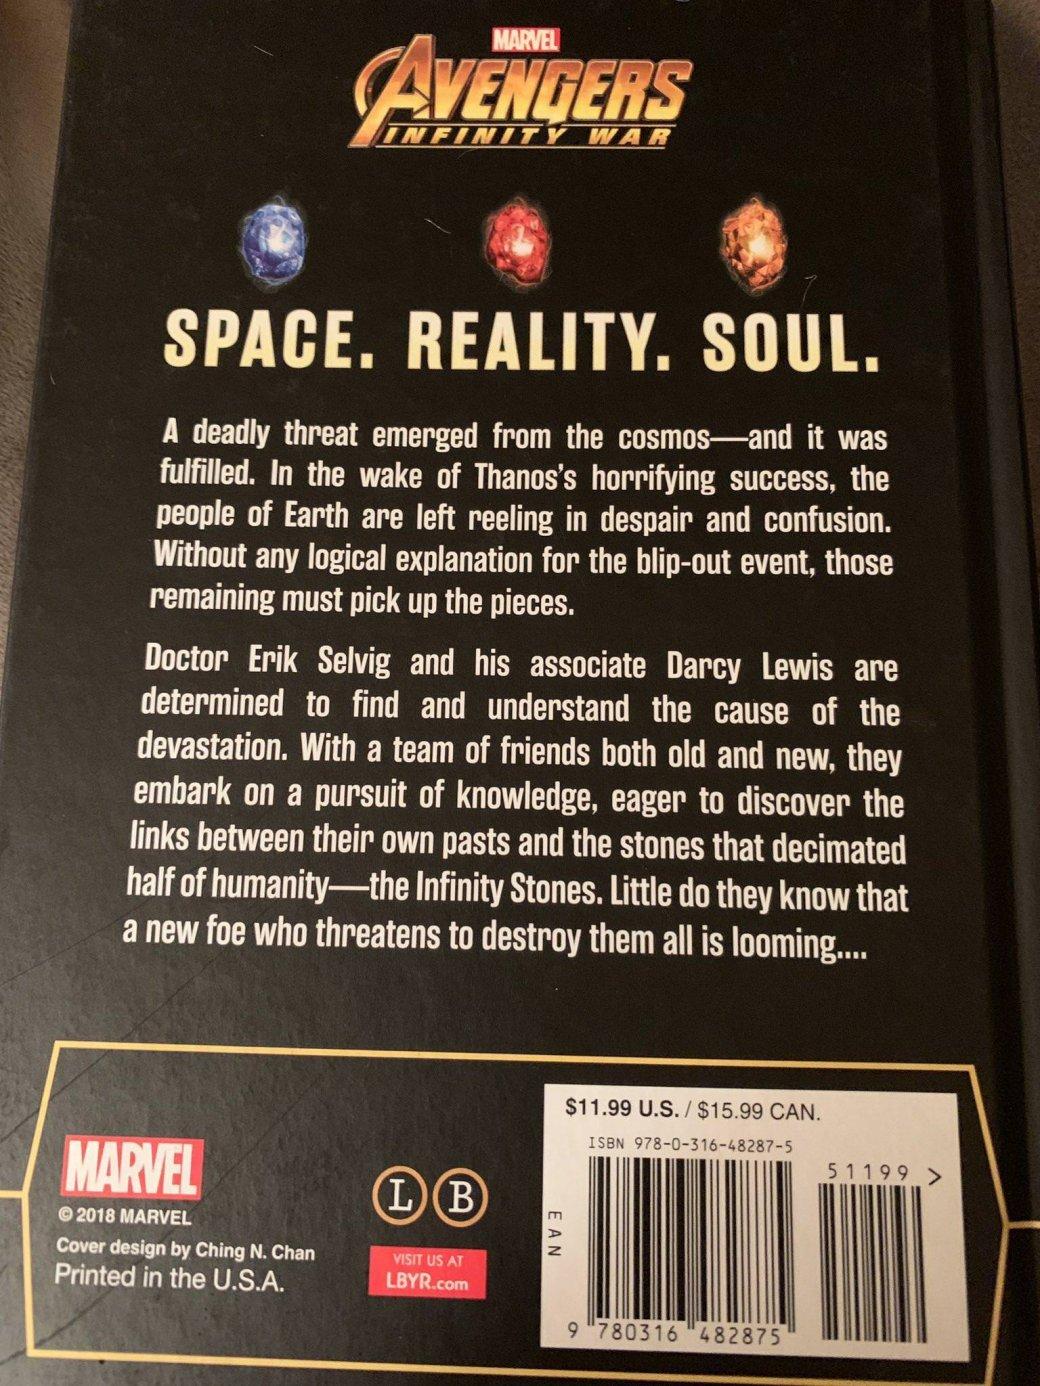 Marvel подтвердила новых персонажей, сумевших пережить «Войну Бесконечности» | Канобу - Изображение 10800